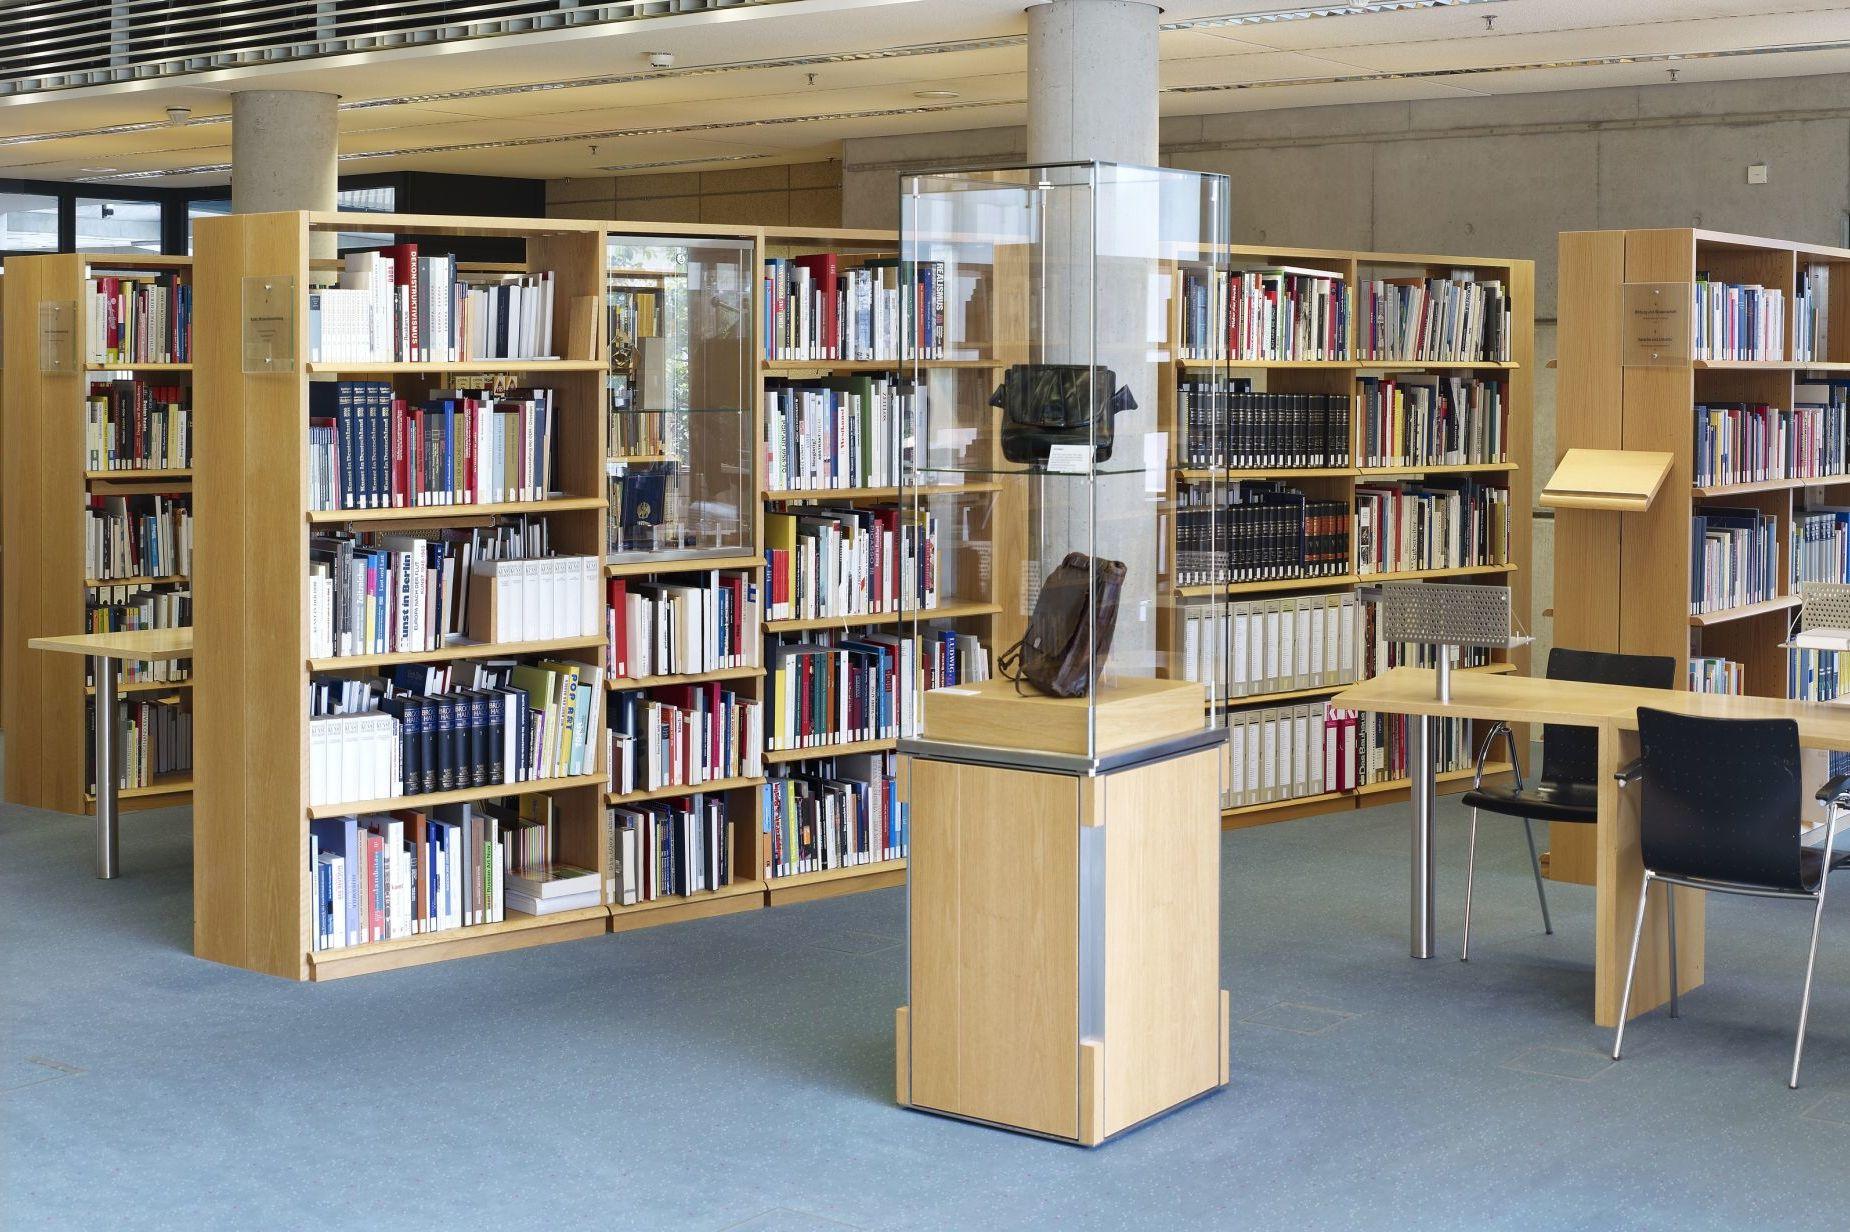 Ausstellung 'Objektgeschichten' im Informationszentrum des Hauses der Geschichte in Bonn